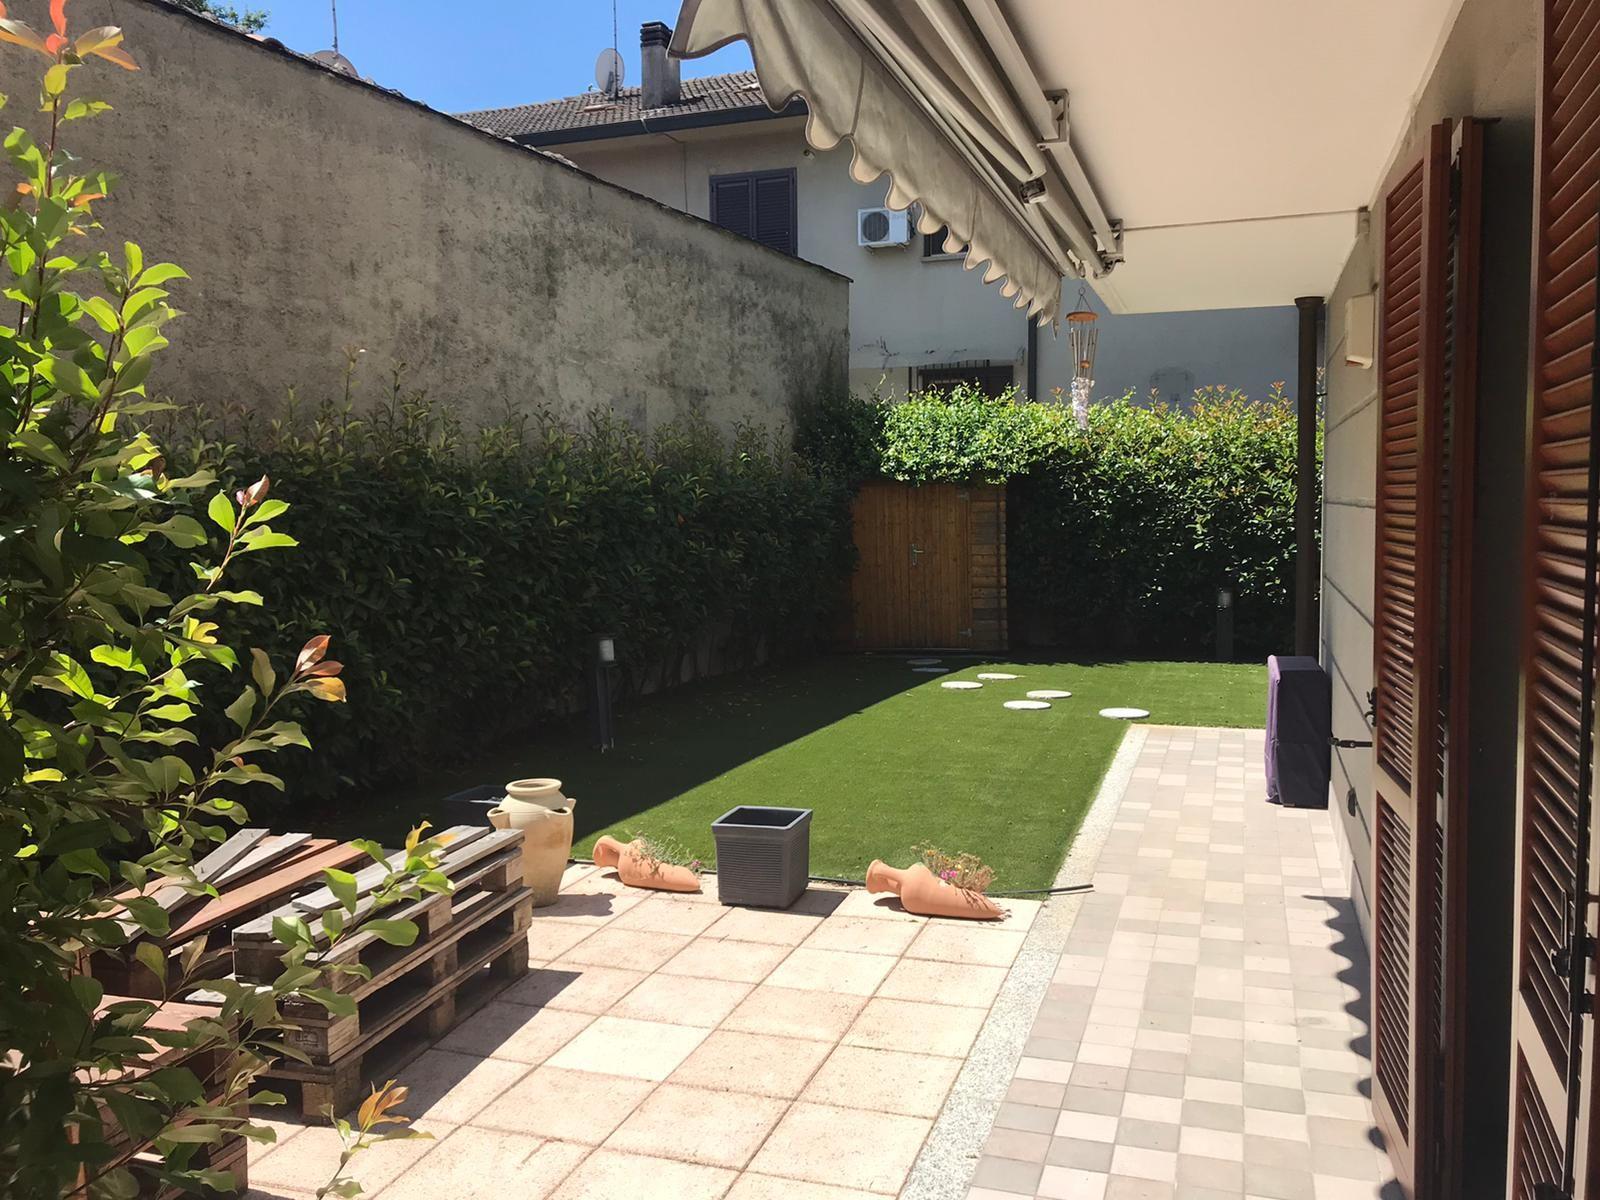 appartamento-in-vendita-a-settimo-milanese-monolocale-con-giardino-privato-1-locale-spaziourbano-immobiliare-vende-3